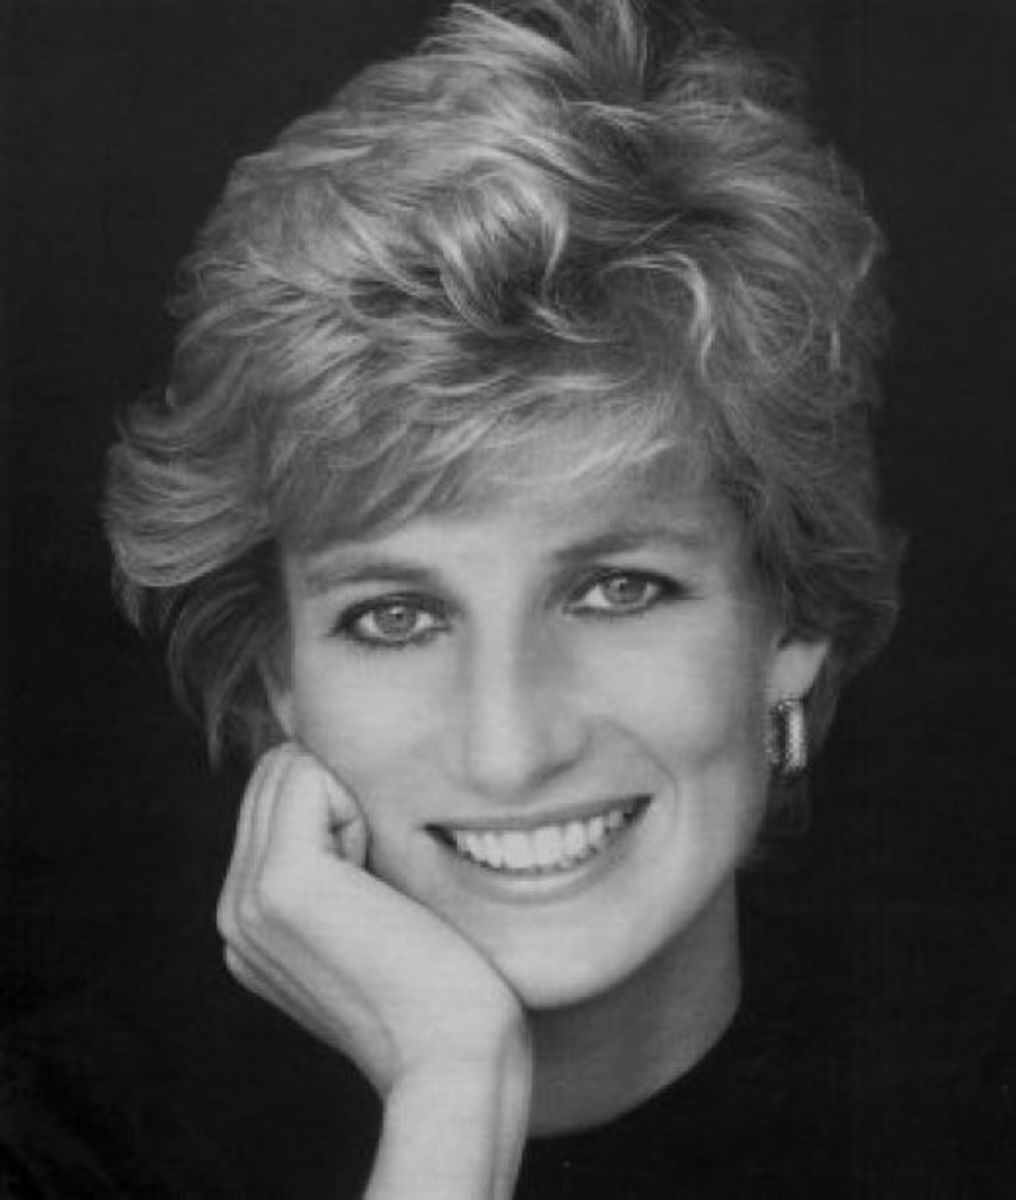 Princess of Wales Diana